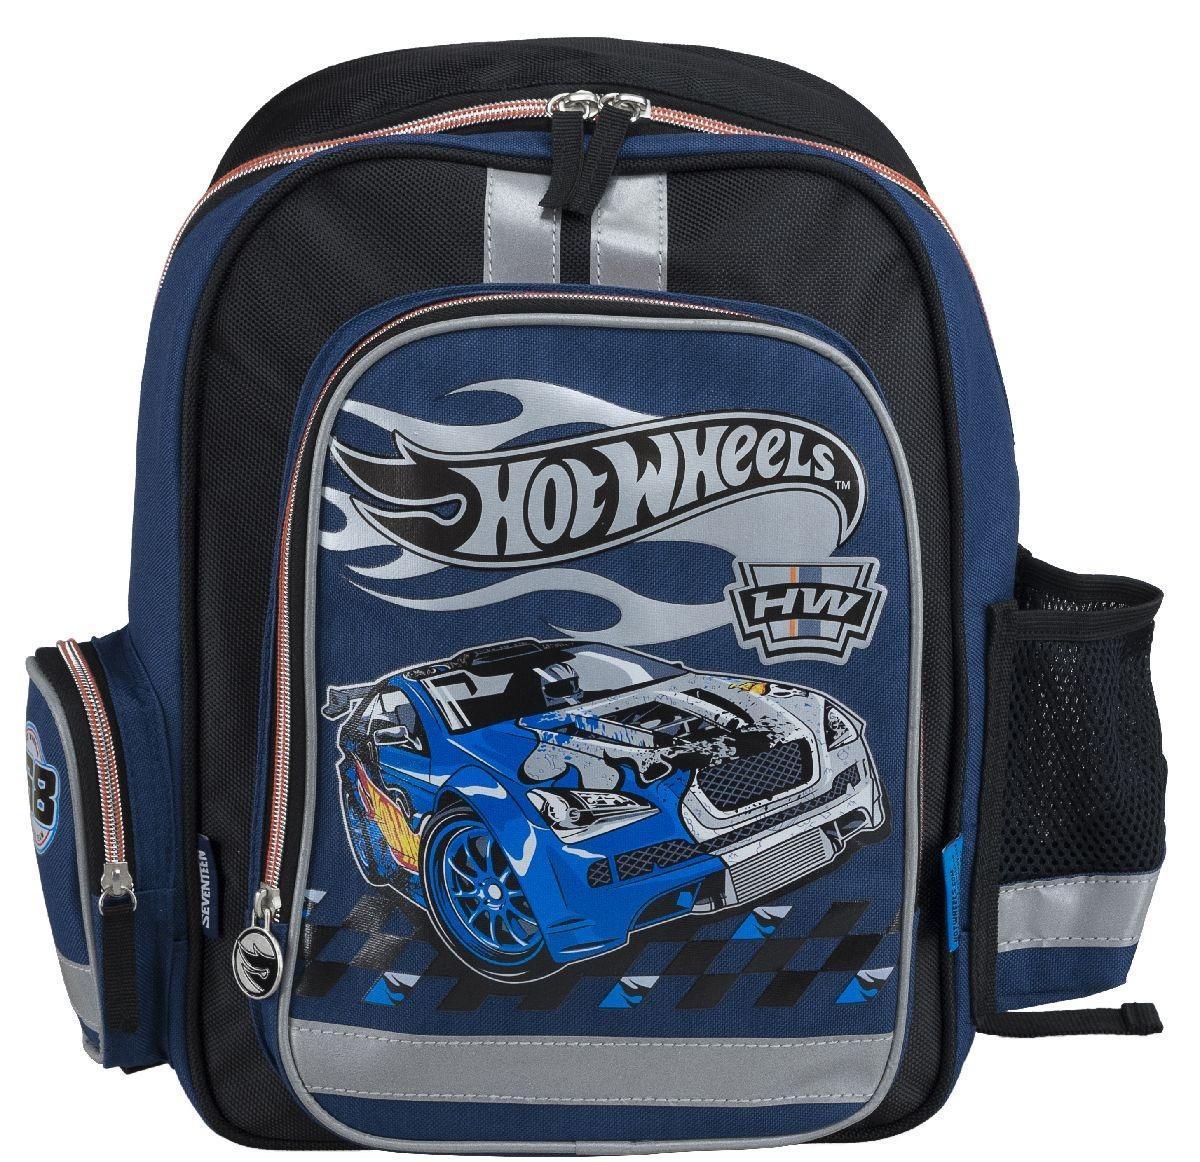 Рюкзак школьный Mattel Hot Wheels, цвет: черный, синийHWCB-UT1-836Рюкзак школьный Mattel Hot Wheels обязательно понравится вашему школьнику. Он выполнен из плотного материла черного и серого цвета с аппликациями. Содержит одно вместительное отделение, закрывающееся на застежку-молнию с двумя бегунками. В отделении находятся две мягкие перегородки для тетрадей или учебников и большой карман-сетка. На лицевой части рюкзак дополнен накладным карманом на молнии. По бокам ранца имеются открытые накладные карманы на резинке. Рюкзак дополнен светоотражающими вставками. Конструкция спинки дополнена эргономичными подушечками, противоскользящей сеточкой и системой вентиляции для предотвращения запотевания спины ребенка. Мягкие широкие лямки позволяют легко и быстро отрегулировать ранец в соответствии с ростом, а также высота лямок изменяется за счет специальных креплений на липучках. Ранец оснащен текстильной ручкой с пластиковым уплотнителем.Многофункциональный школьный ранец станет незаменимым спутником вашего ребенка в походах за знаниями.Рекомендуемый возраст: от 7 лет.